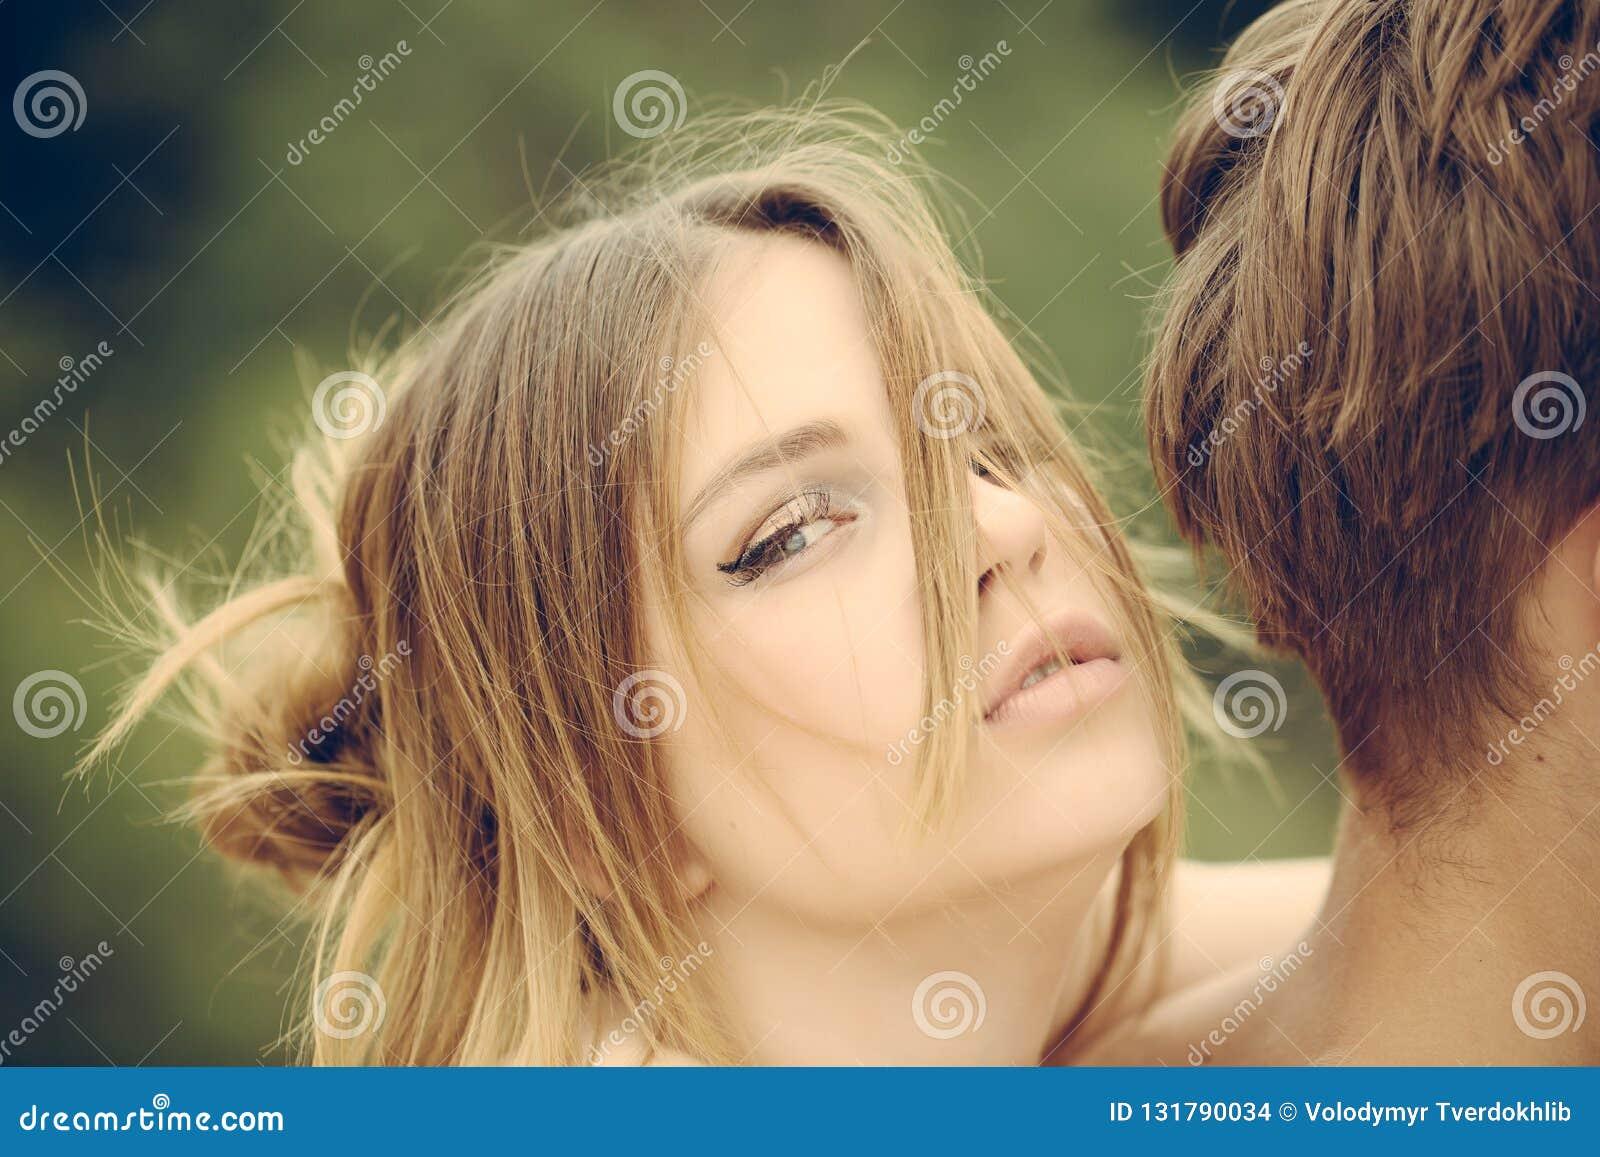 Datazione uomo più giovane donna